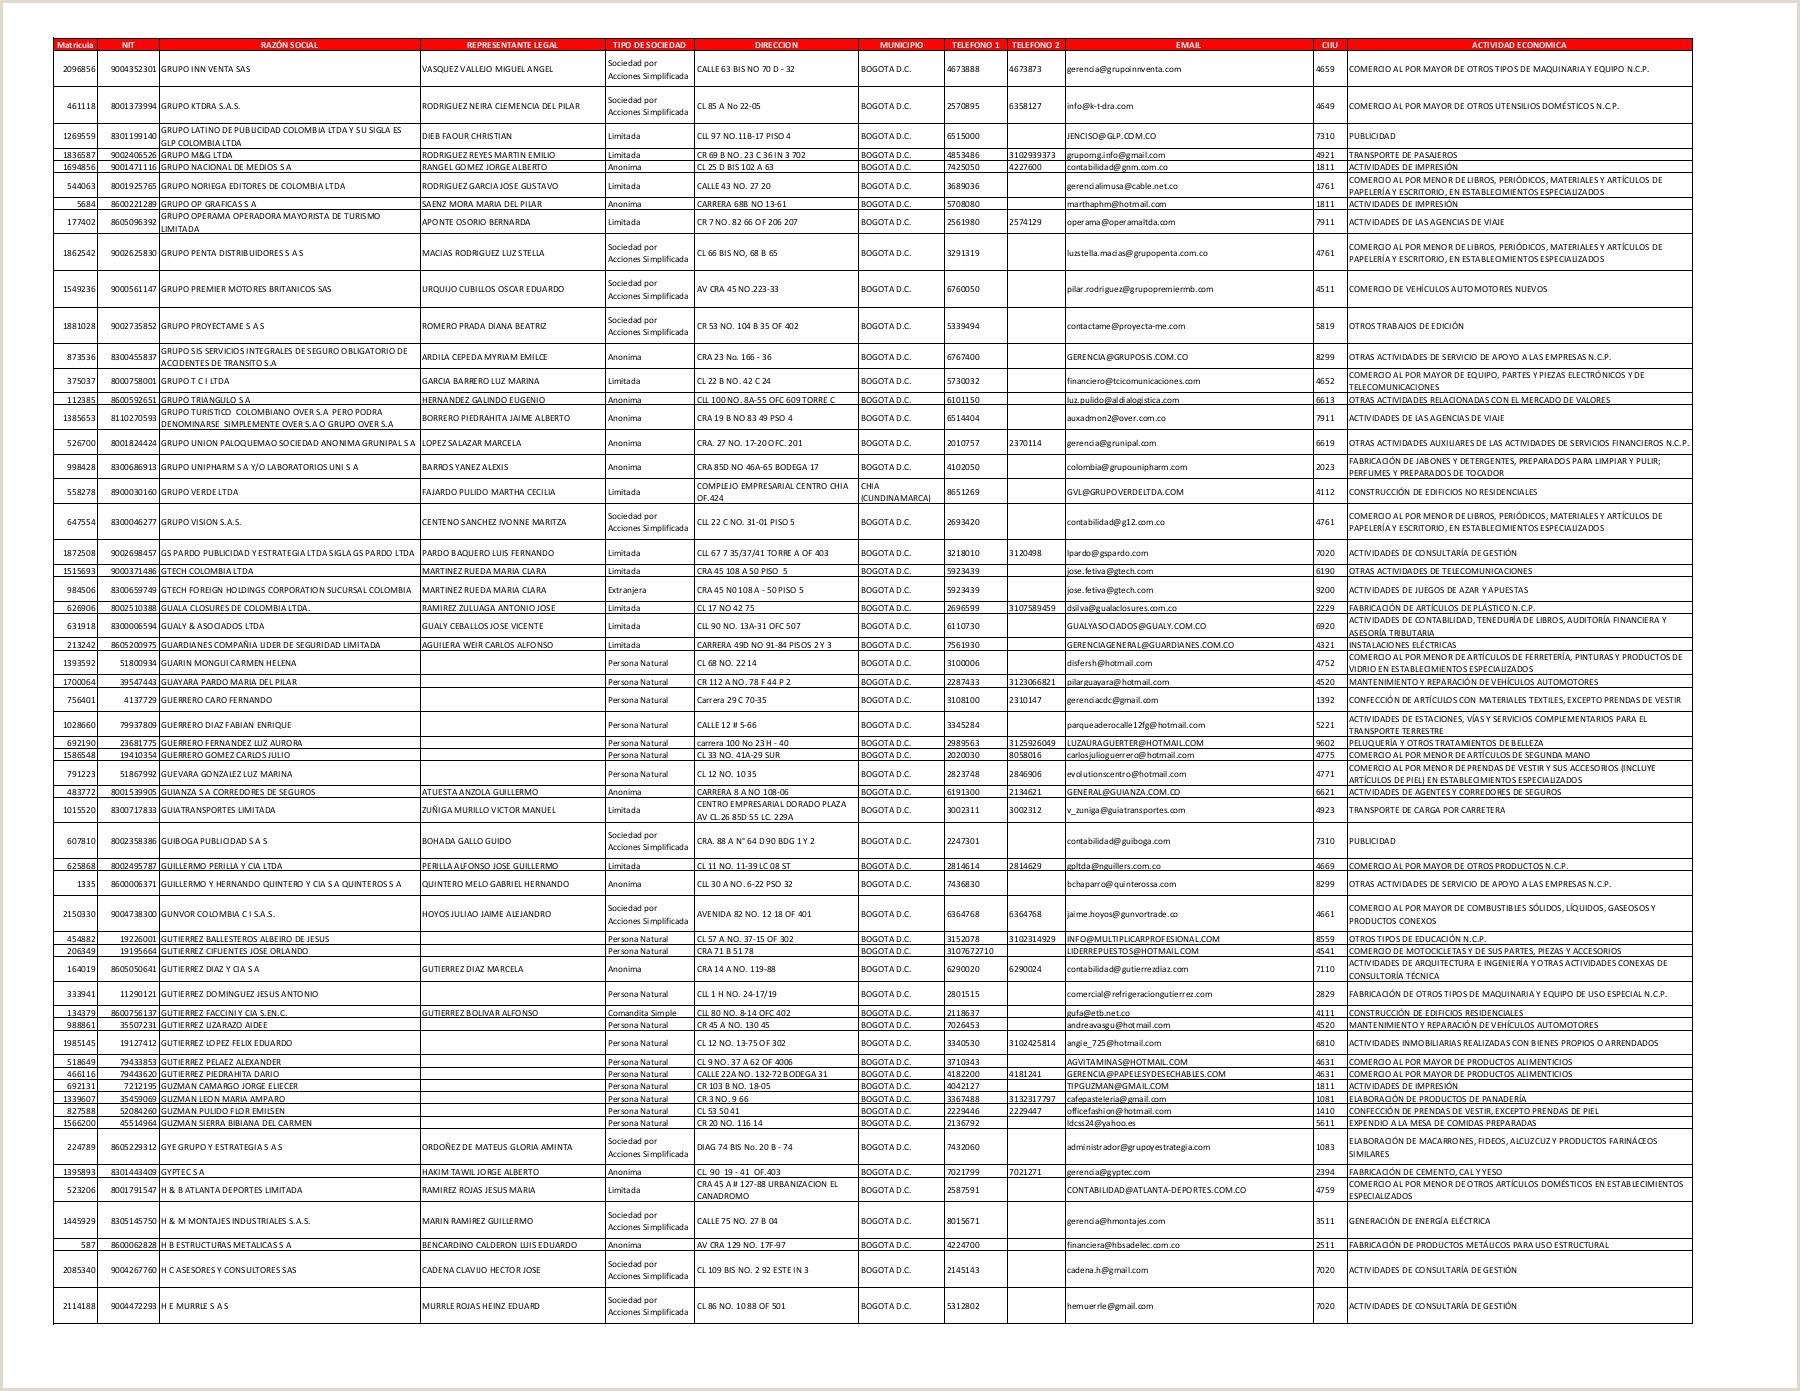 Imagenes De Hoja De Vida Minerva 1003 Base Electoral Para Elecciones Junta Directivas Pages 51